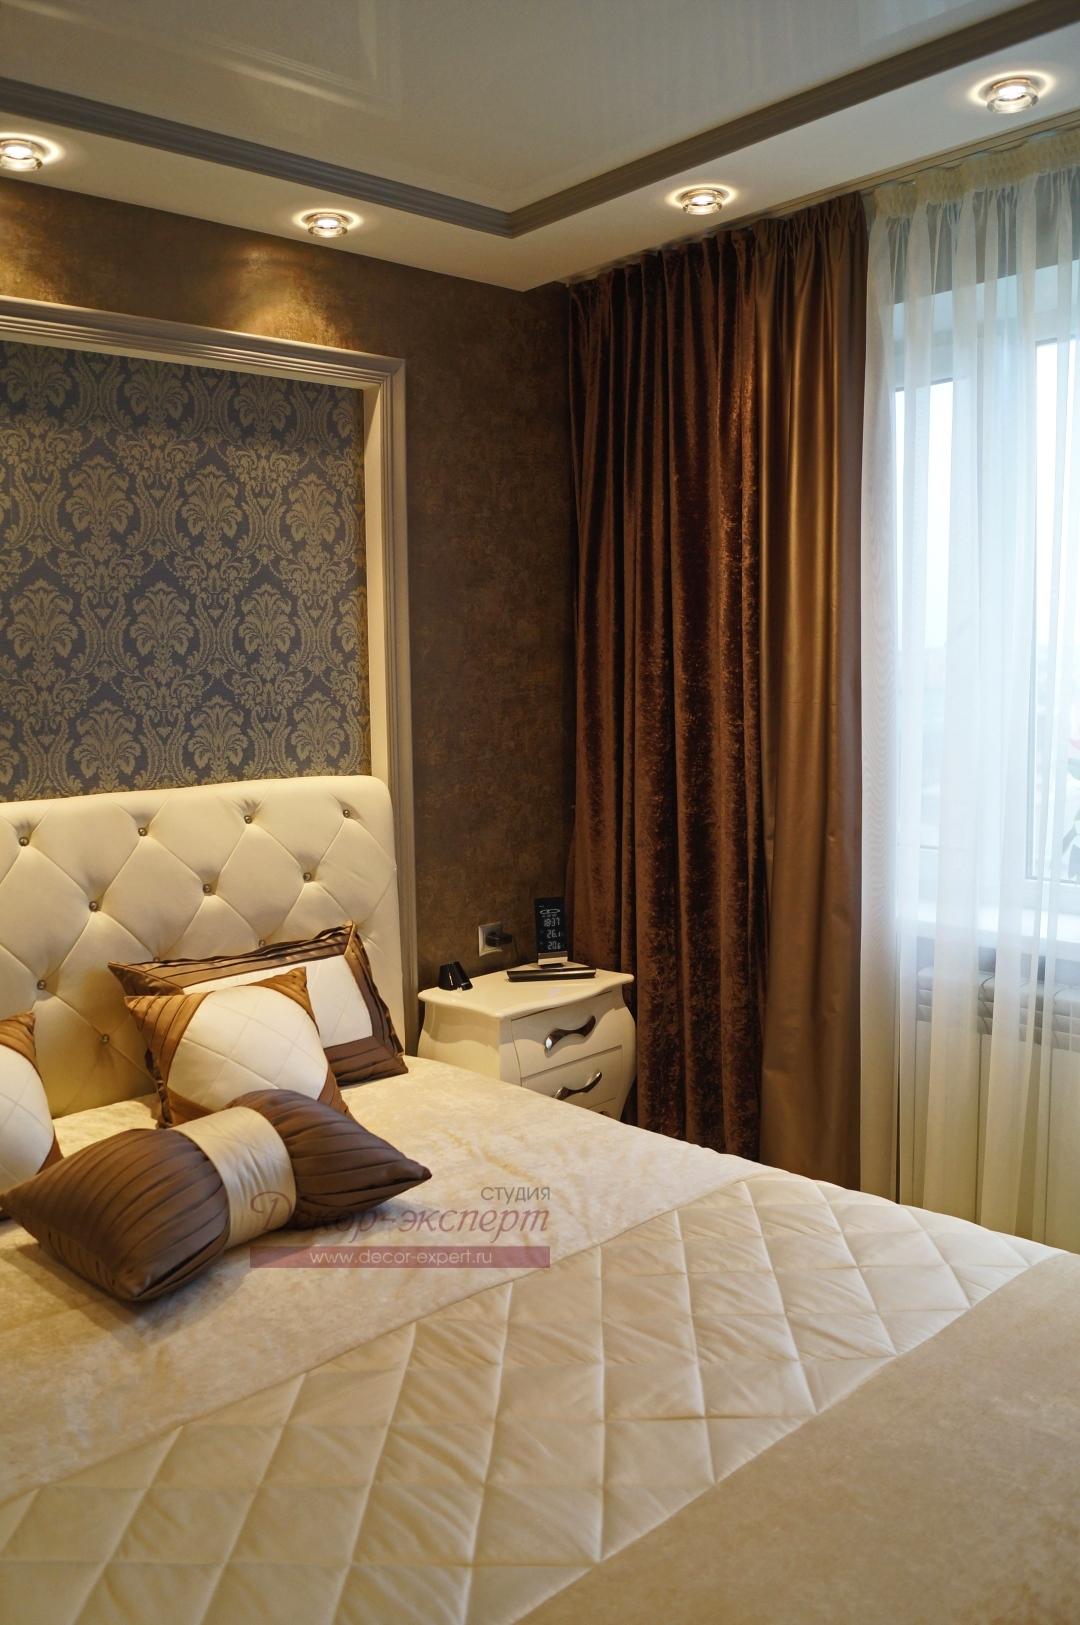 Фото-92. Текстильный декор для спальни в Сызрани.